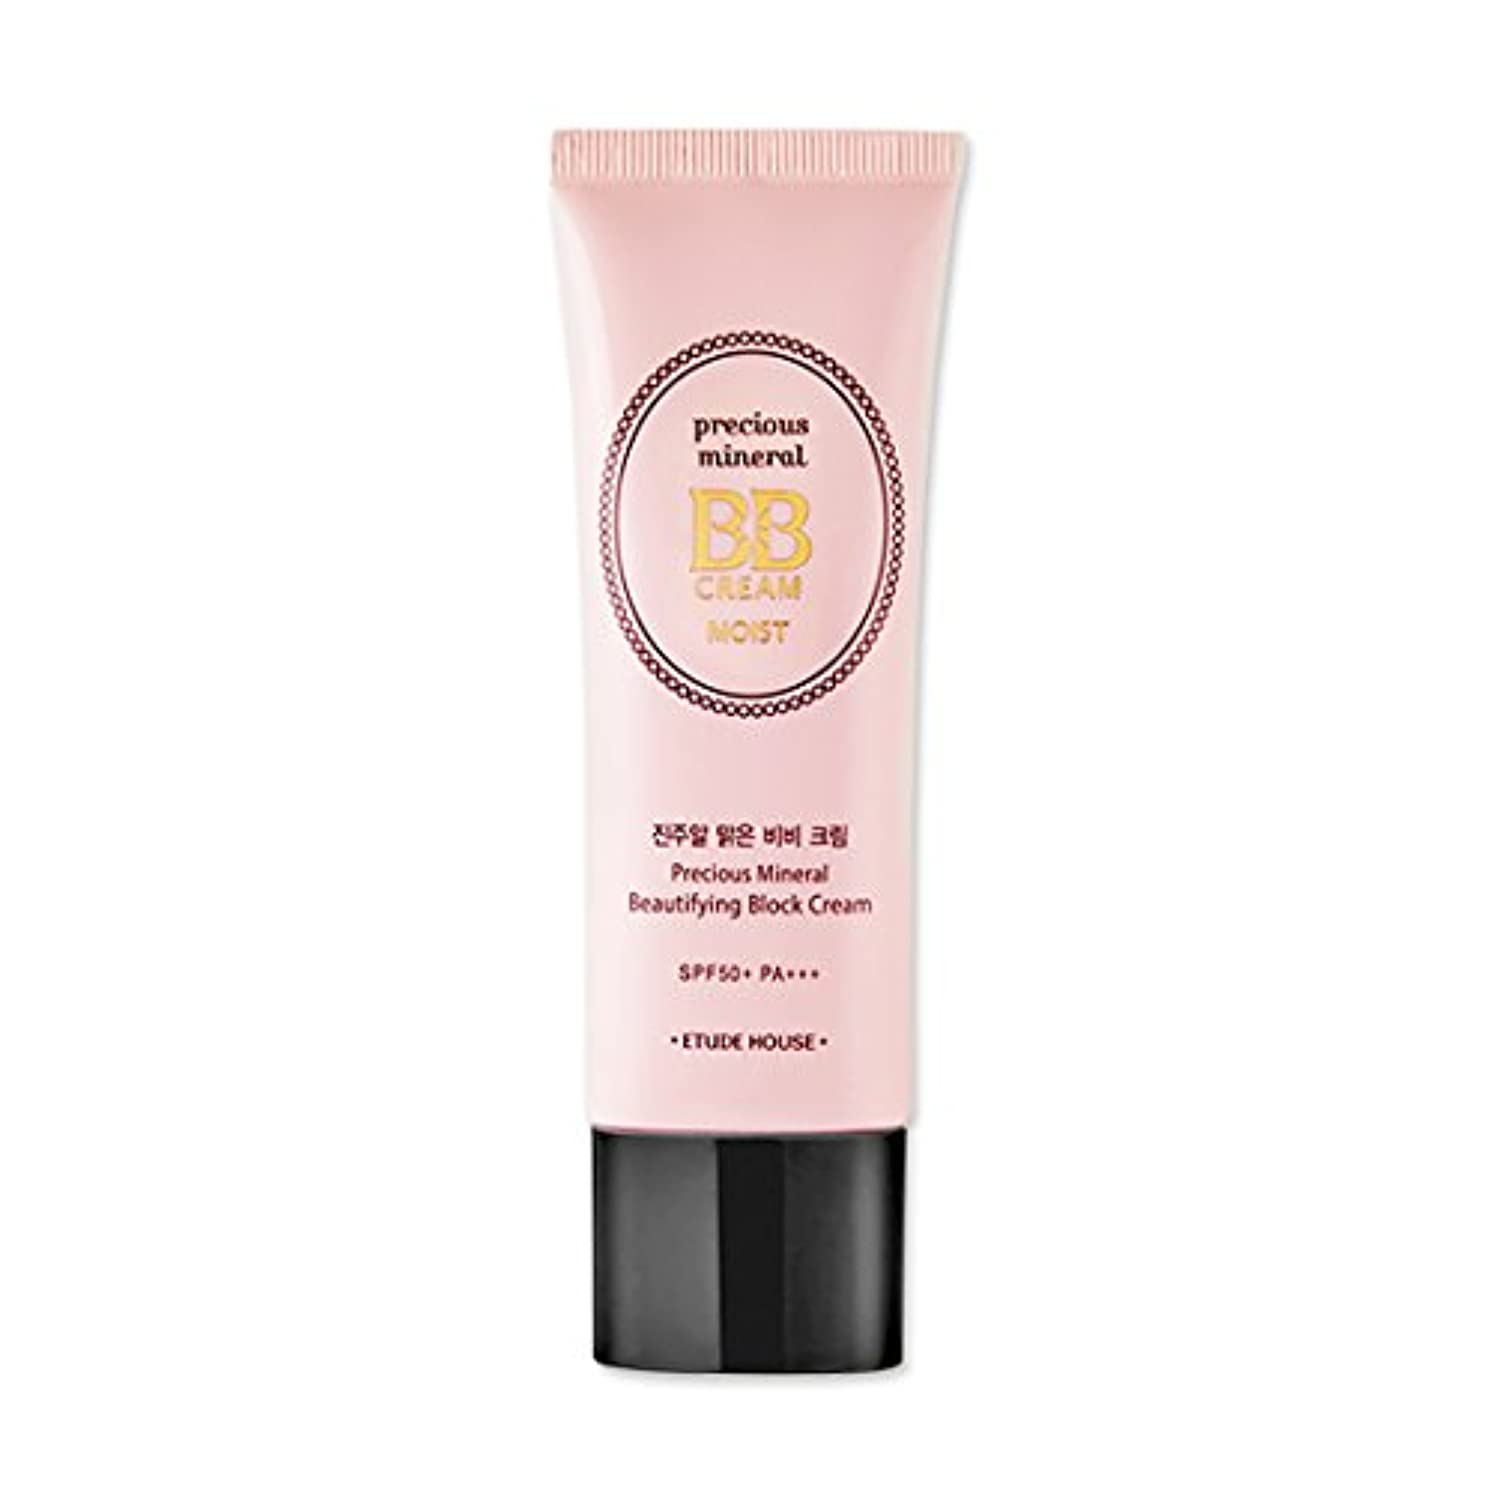 収束チキン分割[New] ETUDE HOUSE Precious Mineral BB Cream * Moist * 45g/エチュードハウス プレシャス ミネラル BBクリーム * モイスト * 45g (#Beige) [並行輸入品]